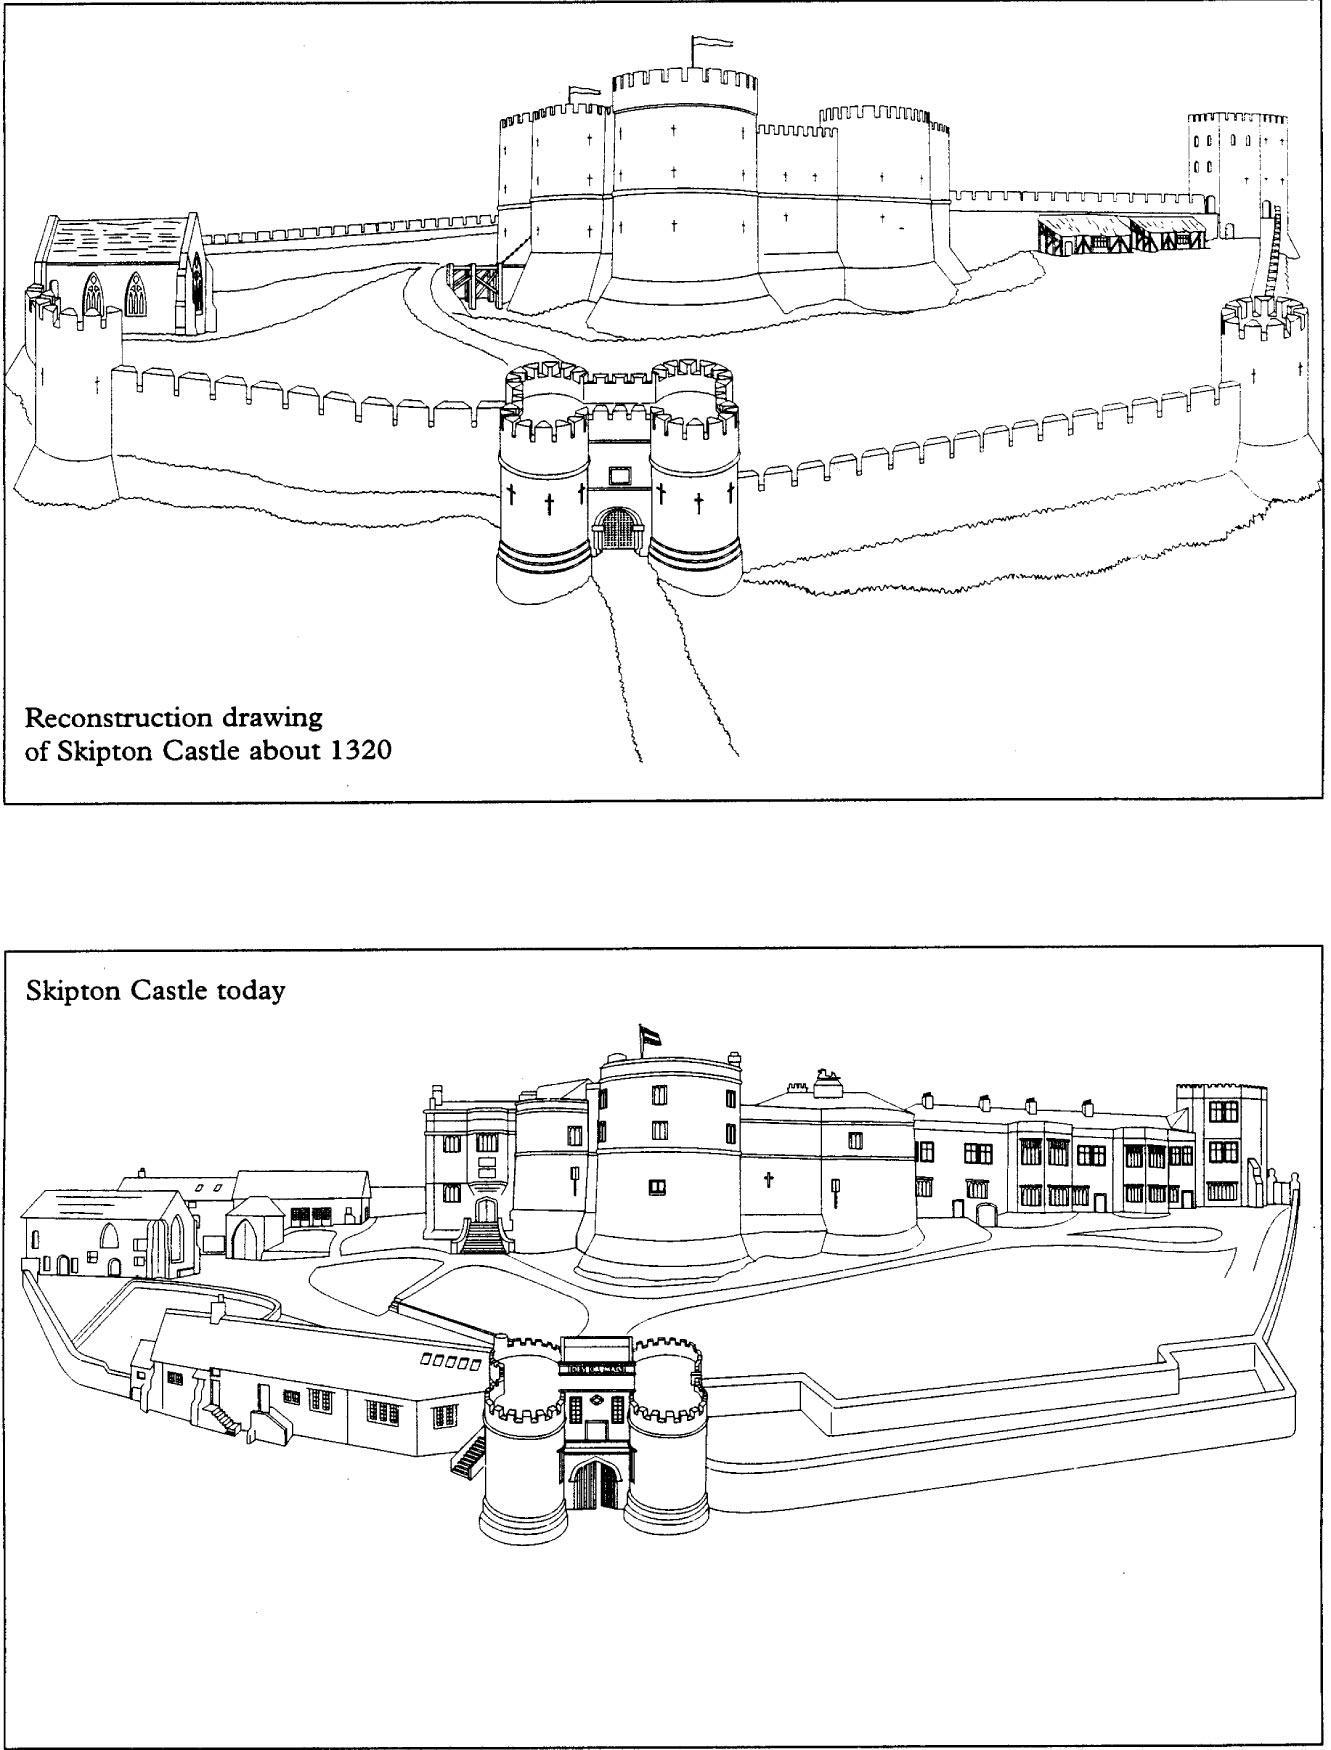 Dibujo para colorear El castillo en 1320 y en castillo hoy - Img 14901